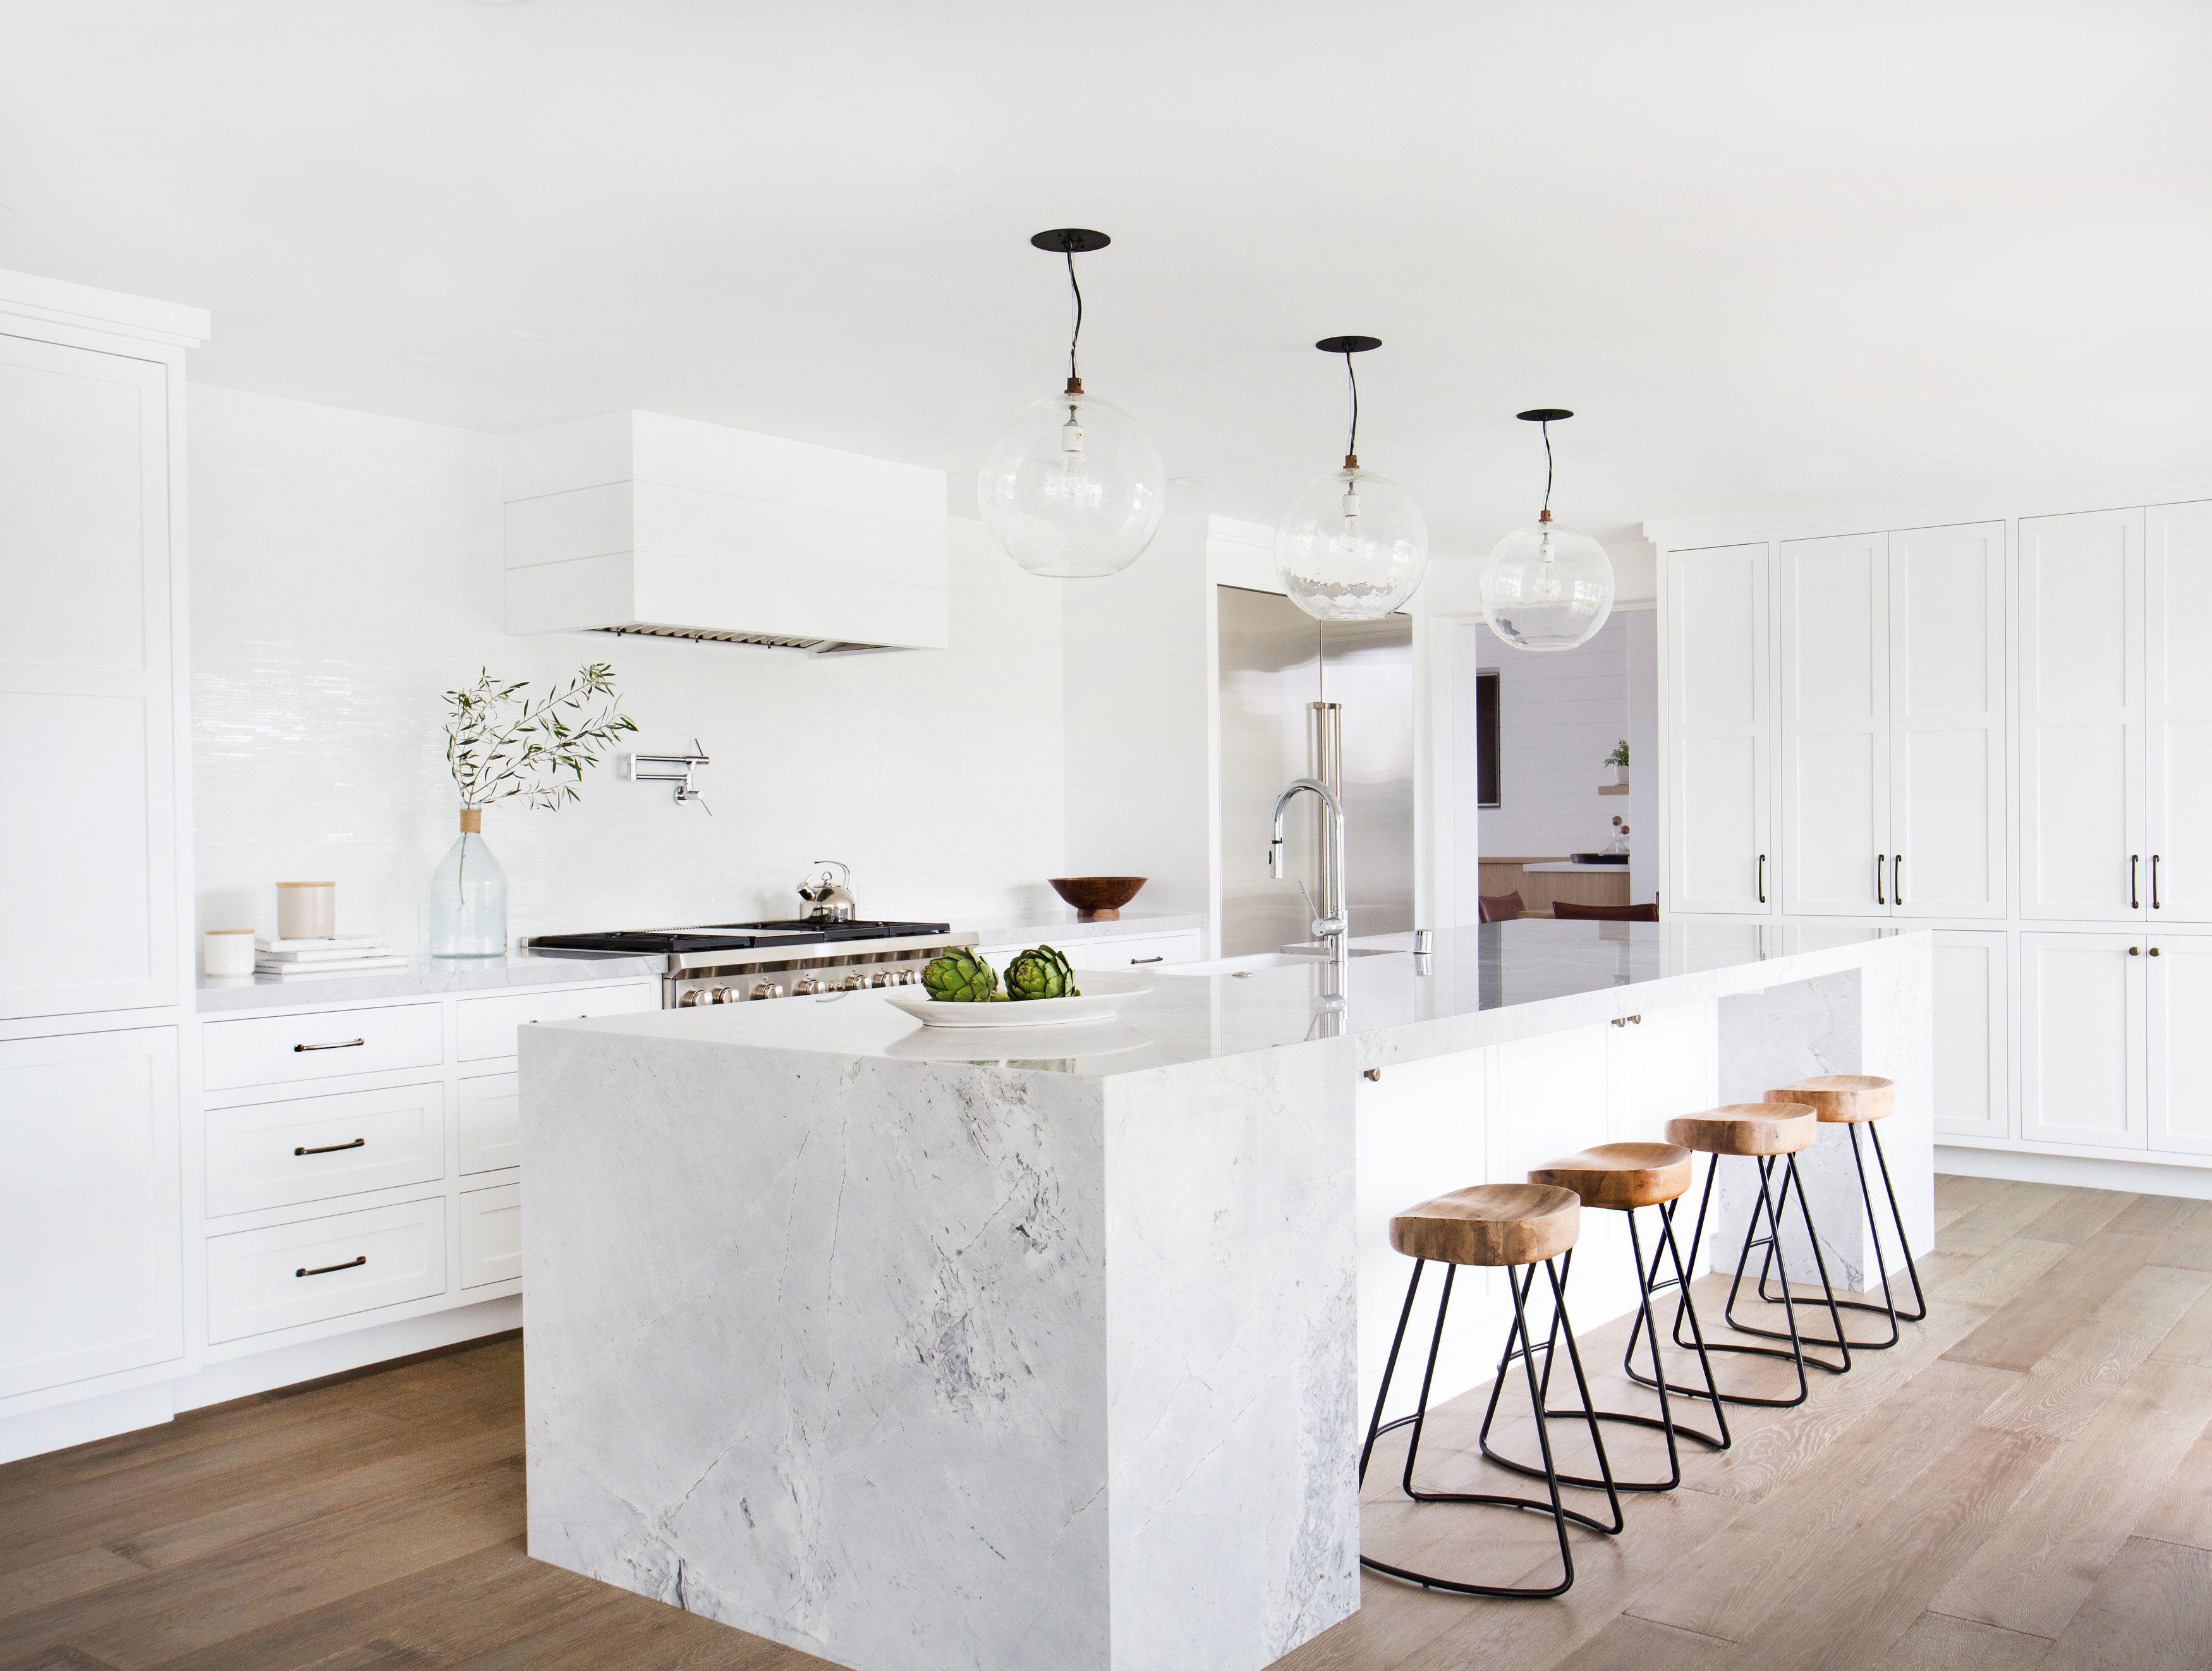 Courtesy of Amber Interiors. White kitchens ... & 15 White Kitchen Design Ideas - Decorating White Kitchens